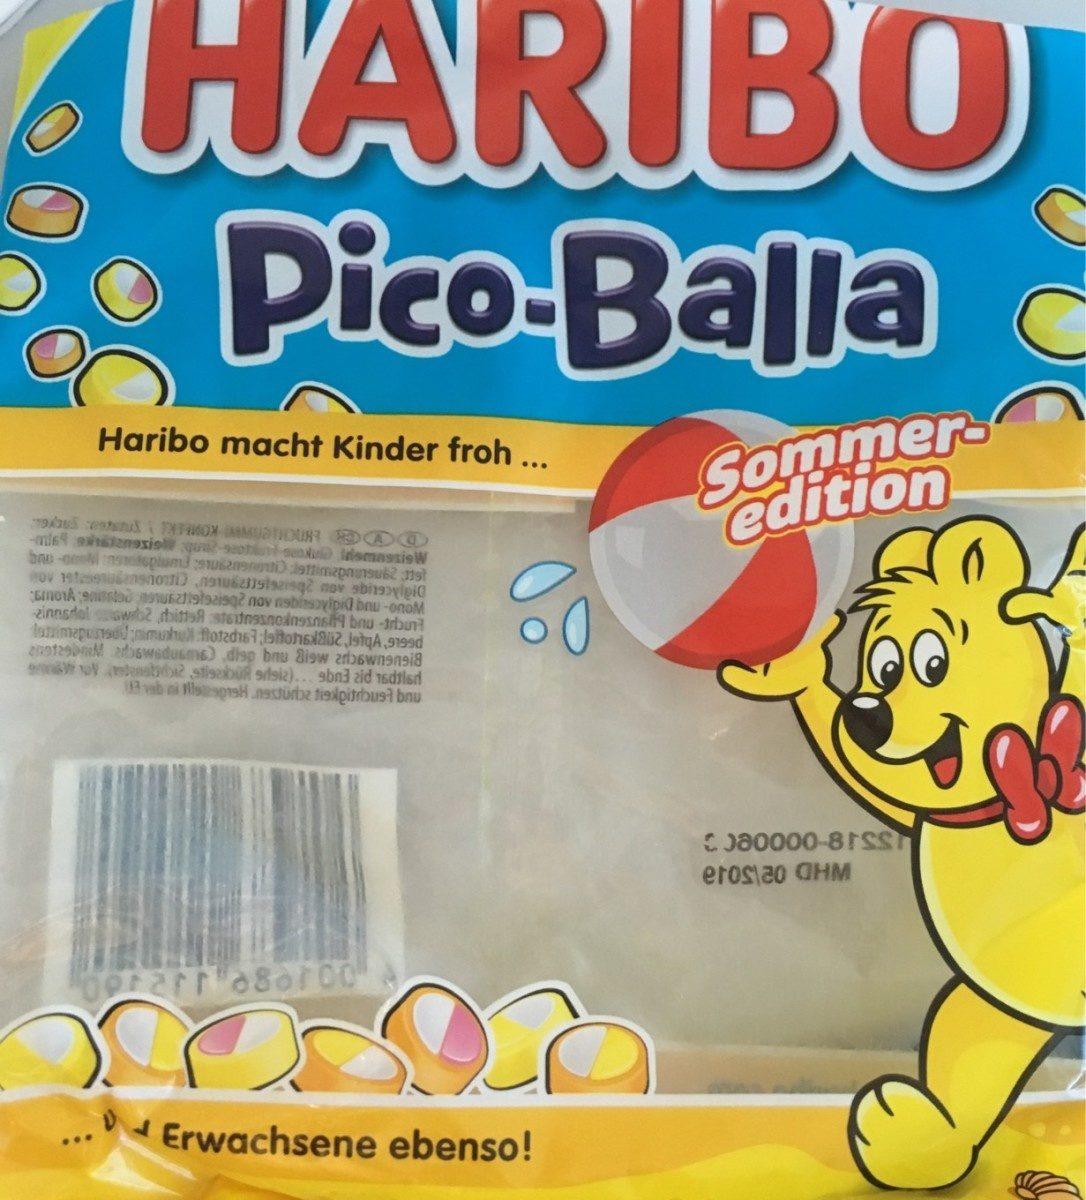 Pico-Balla - Produkt - de